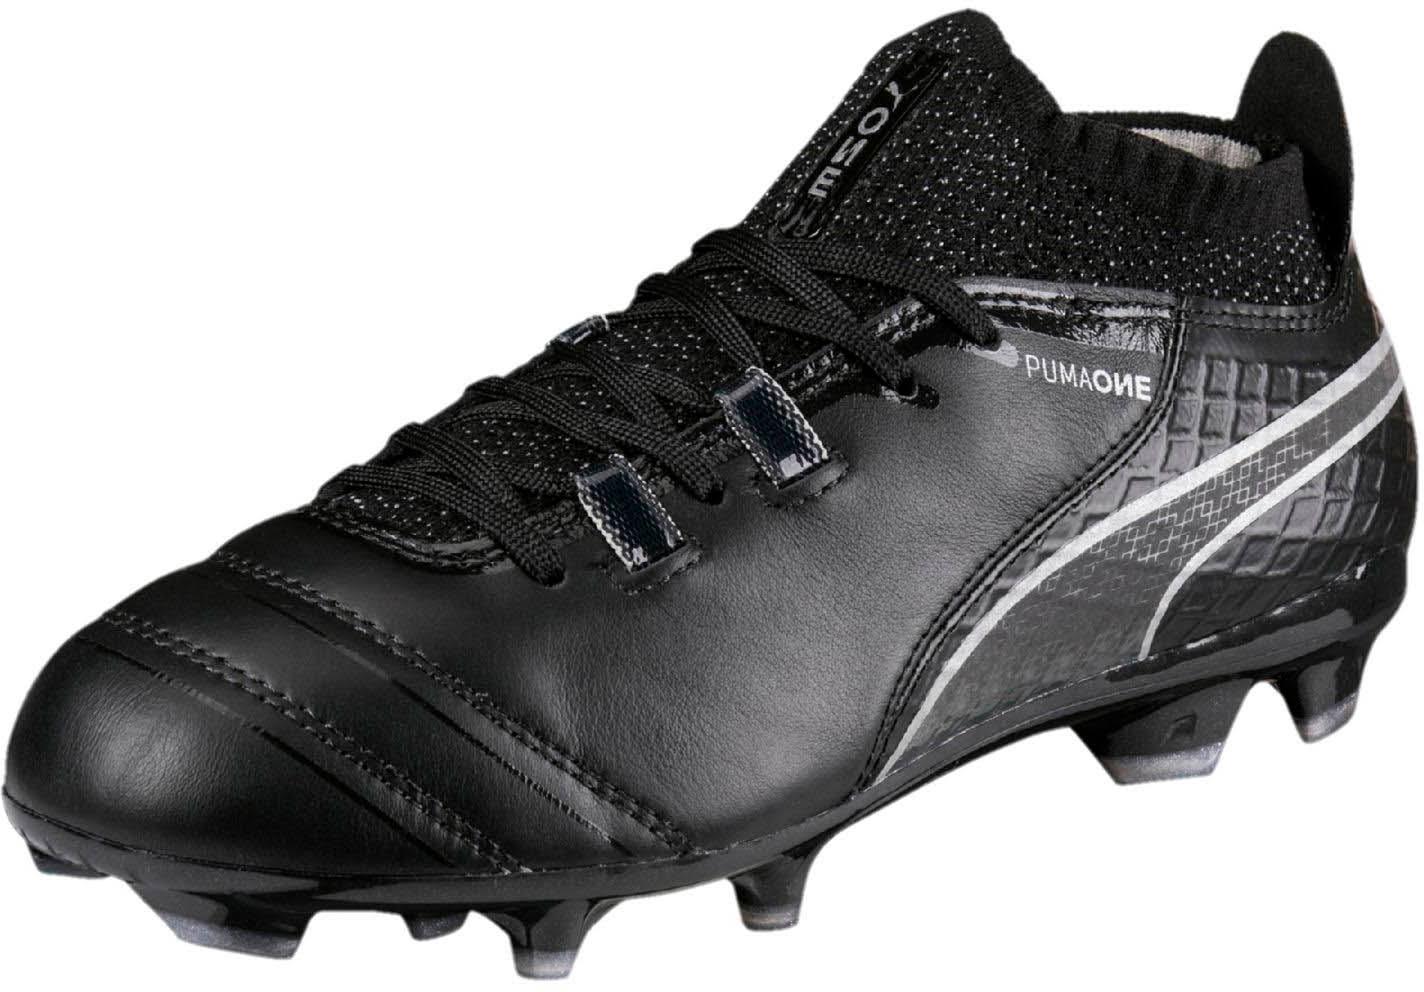 17 Silver puma Kids 1 Black Black Puma One Shoes Fg qEg6wvBZ